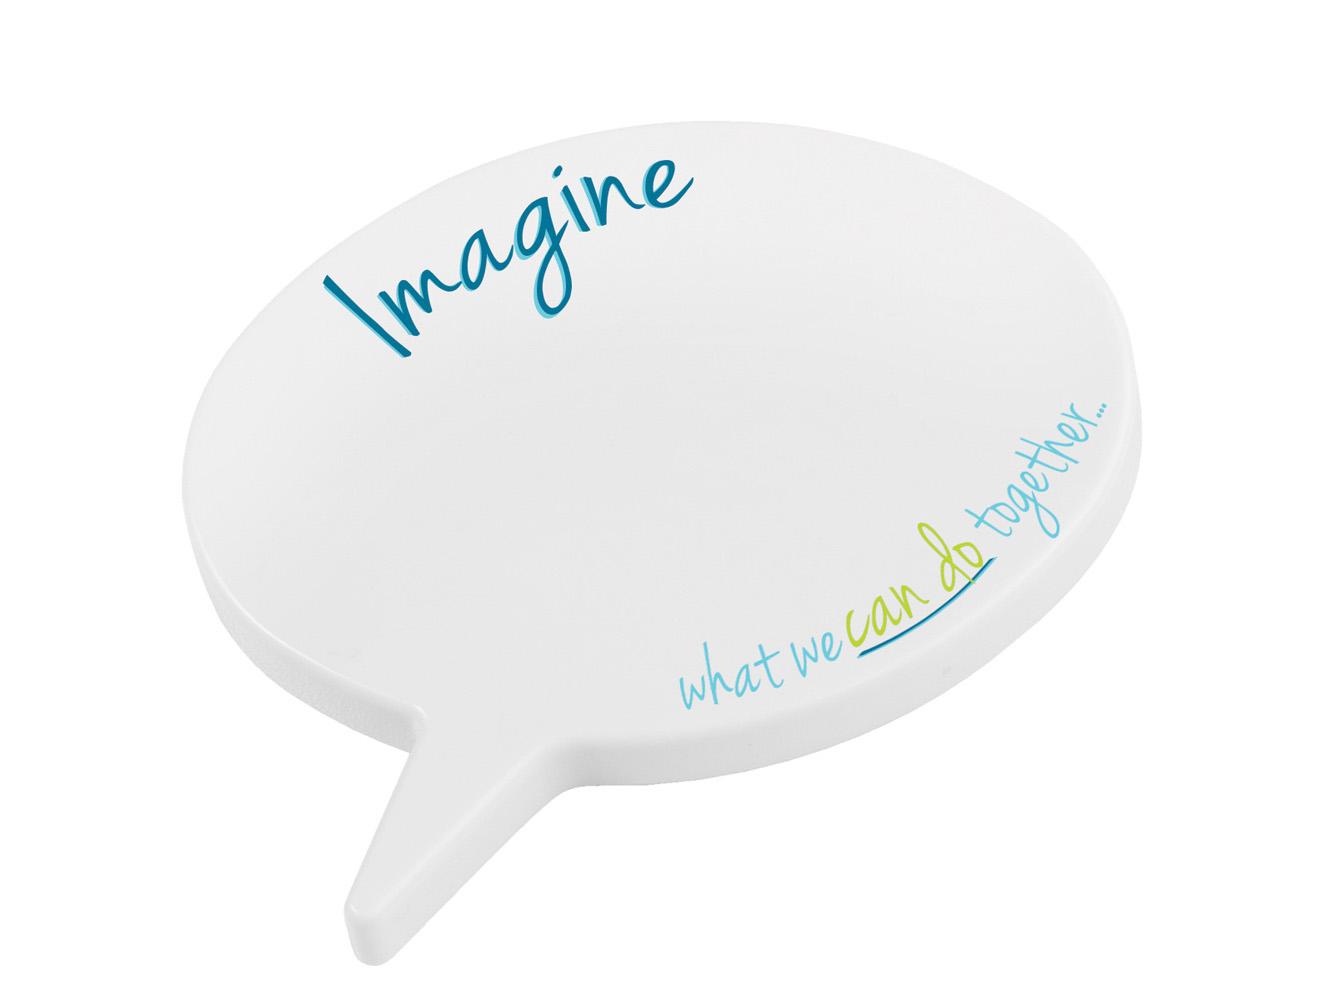 SB11: Magnetic Oval Speech Bubble